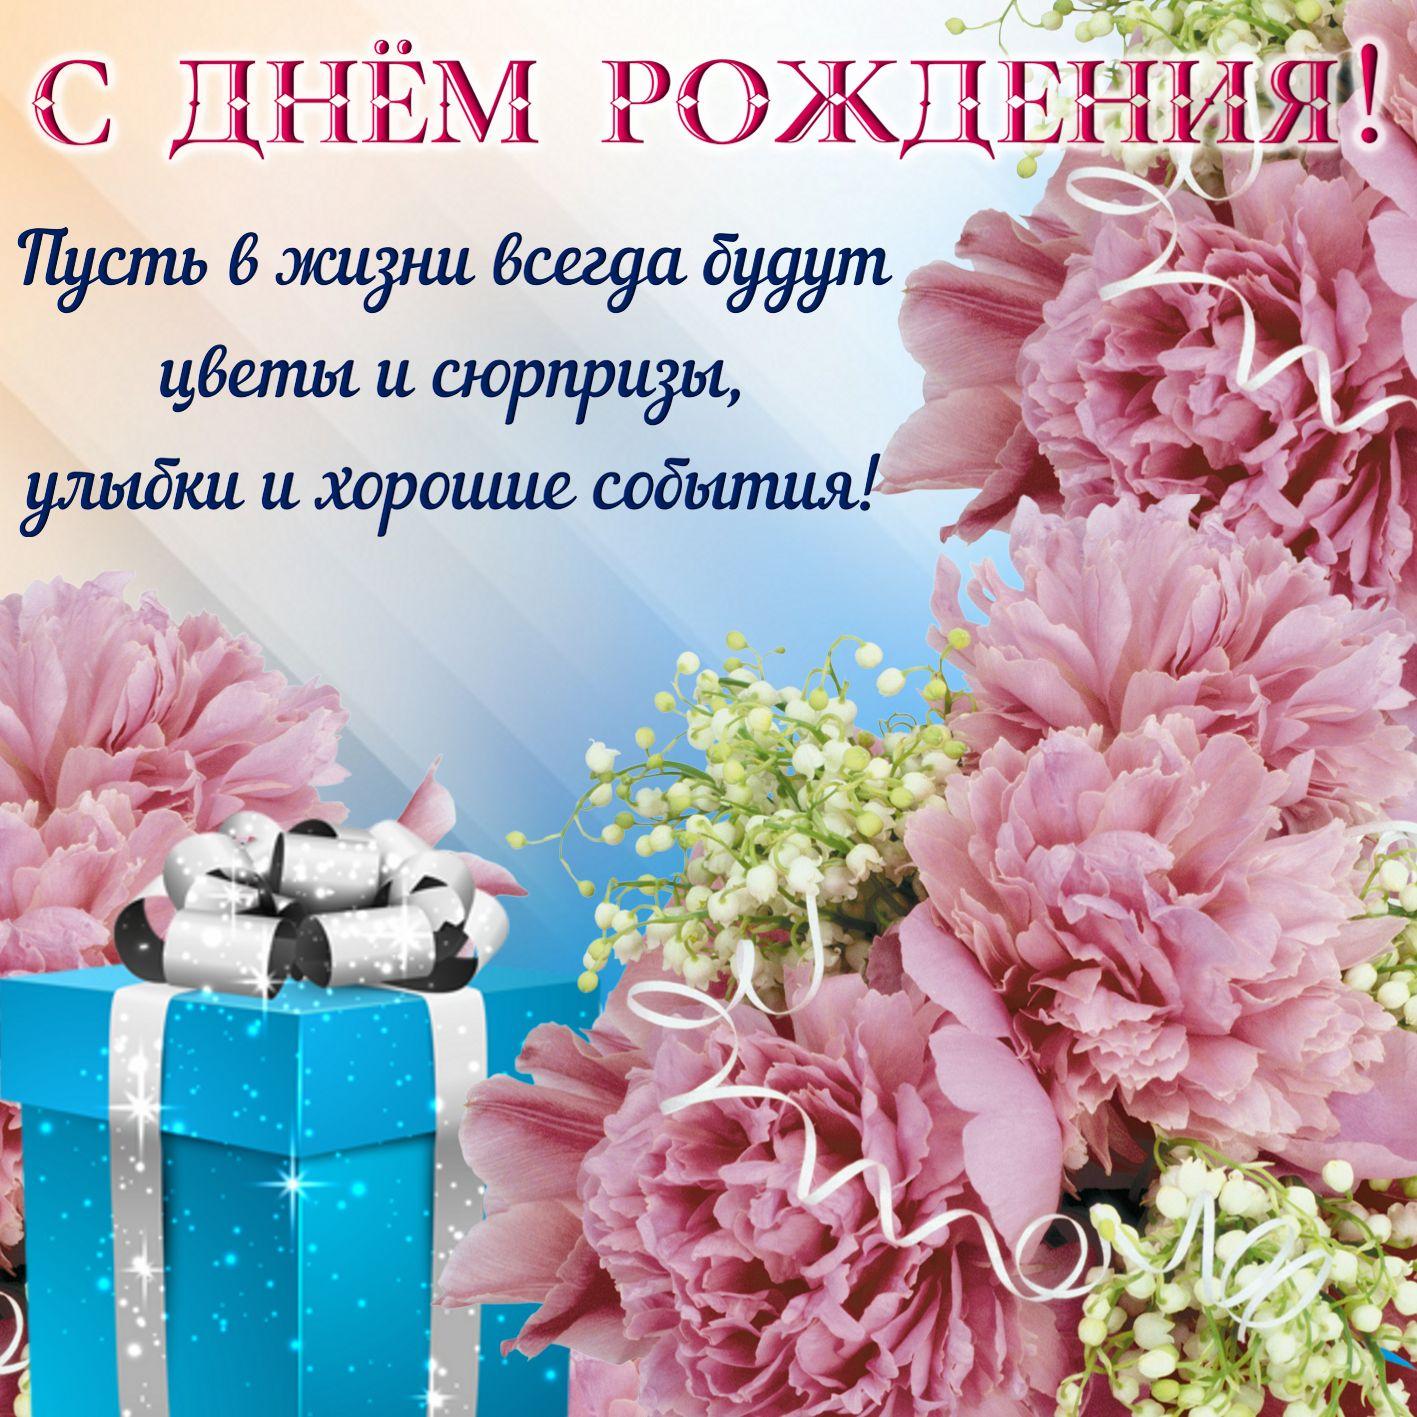 Для мальчика, красивые открытки с днем рождения для женщины